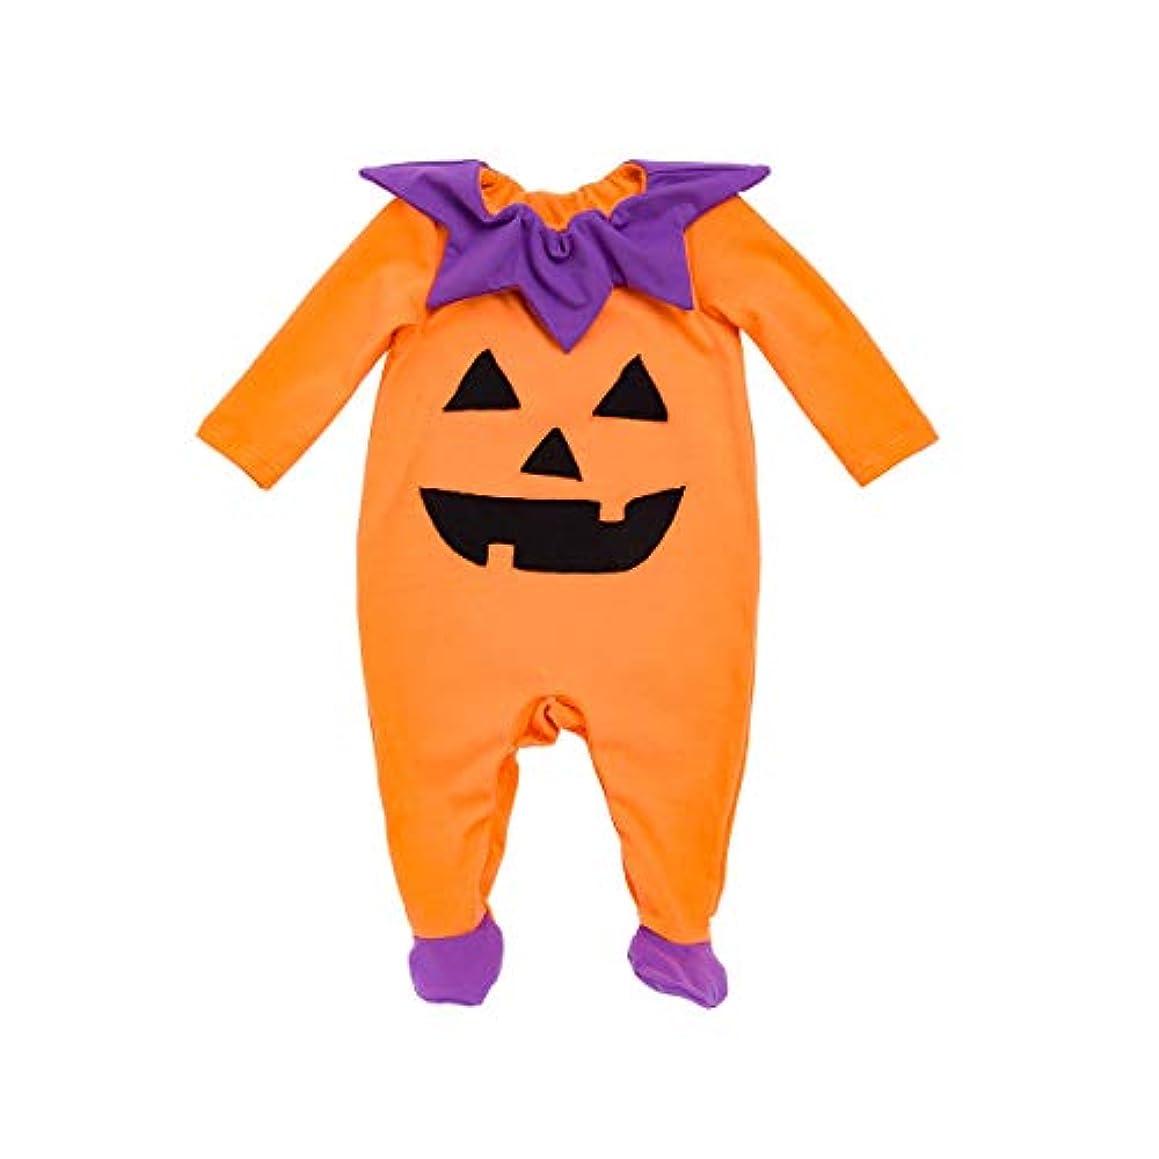 適性詳細な電化するFairy Baby ハロウィンロンパース 足つき ベビー服 長袖 かぼちゃ仮装 着ぐるみ コスチューム size 66